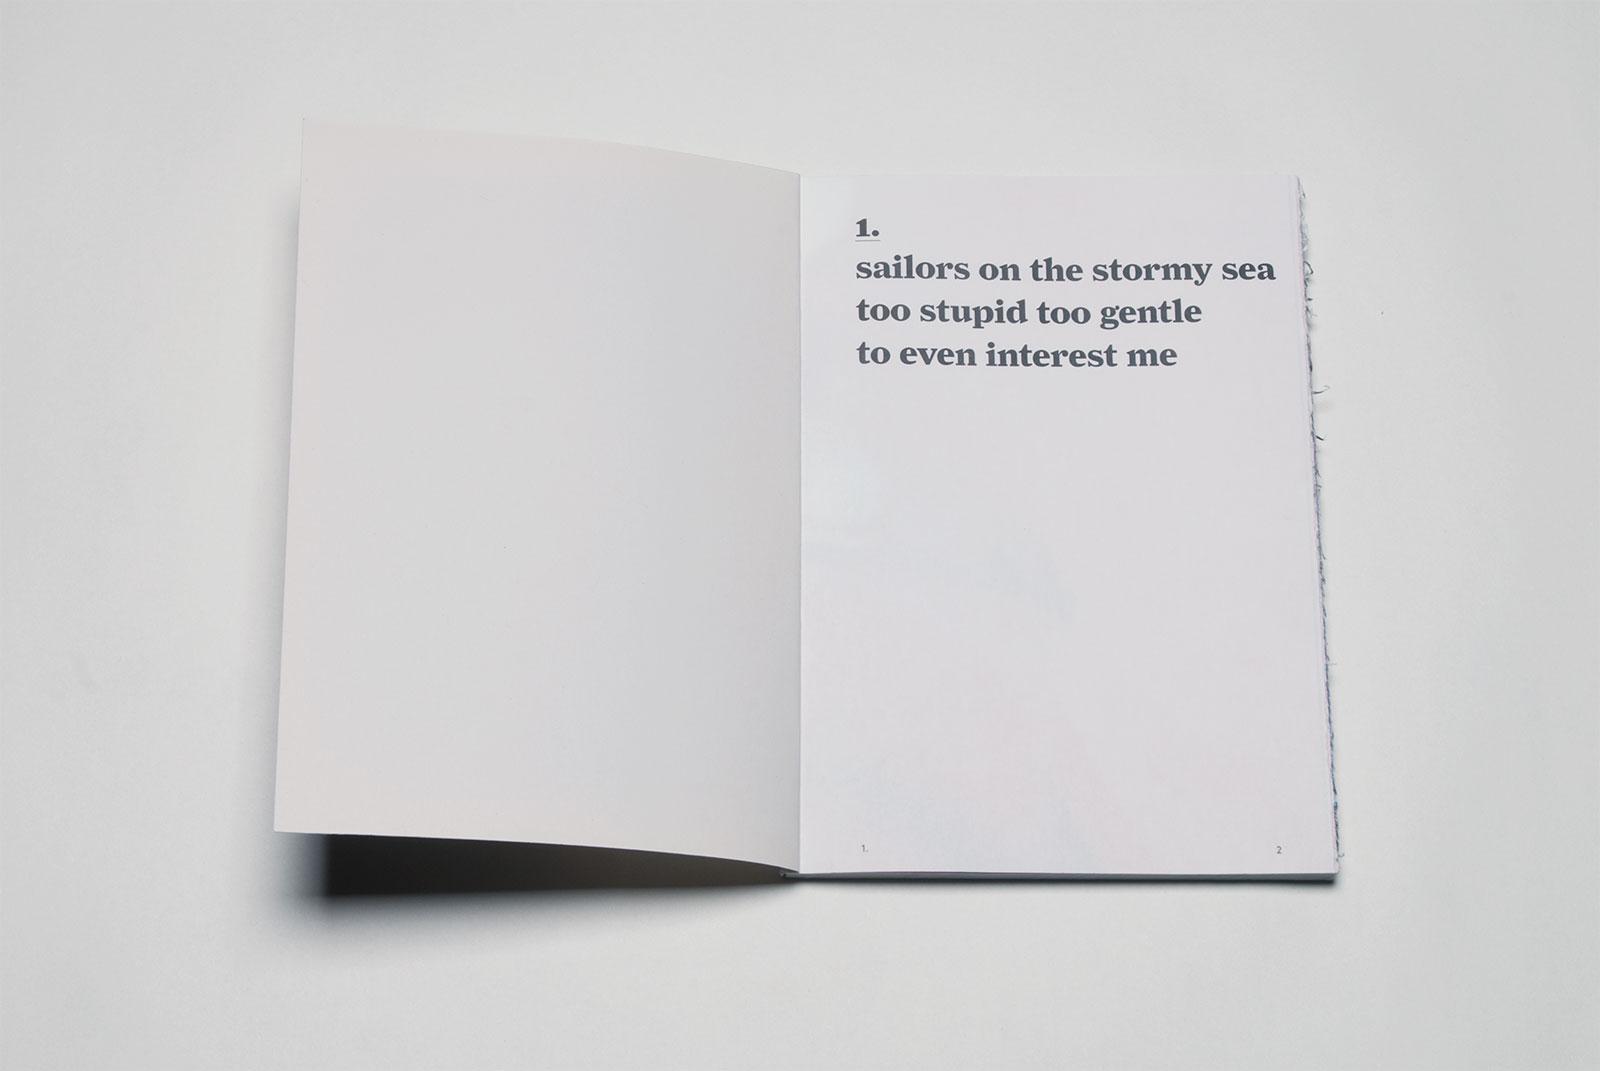 $5-poetry-book-wilco-monen-02.jpg